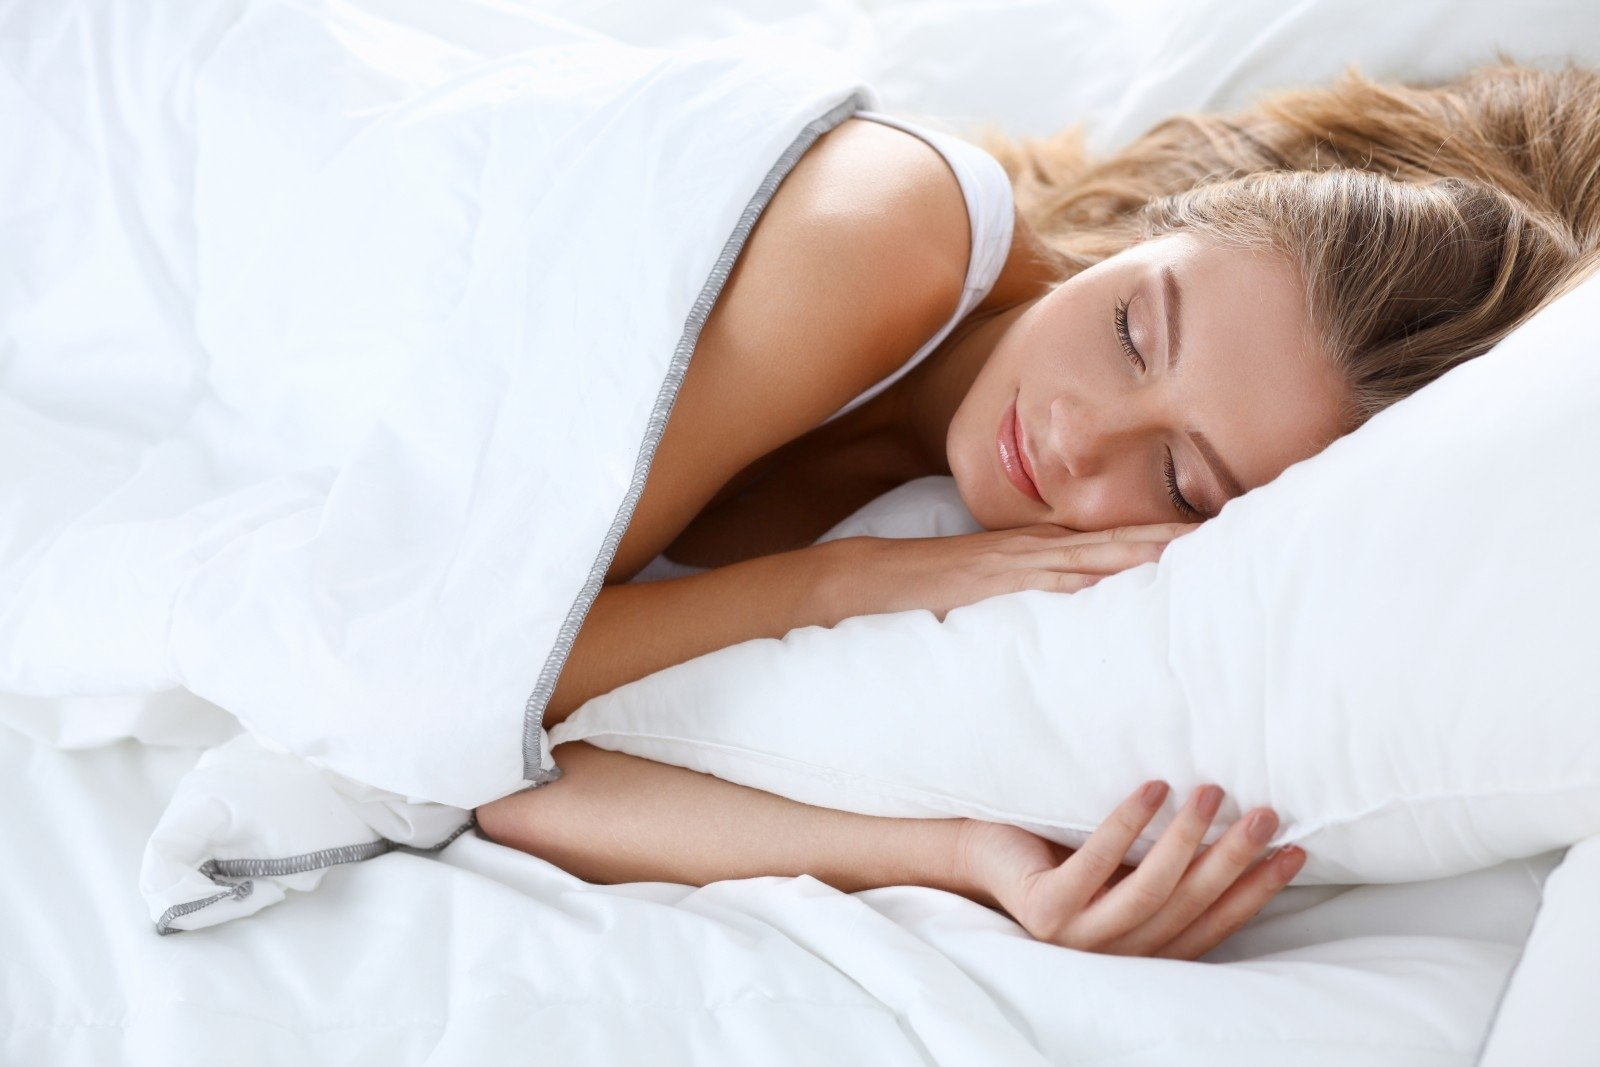 Сонник дмитрия и надежды зимы: появление во сне кровати намекает на необходимый перетрудившемуся сновидцу отдых.